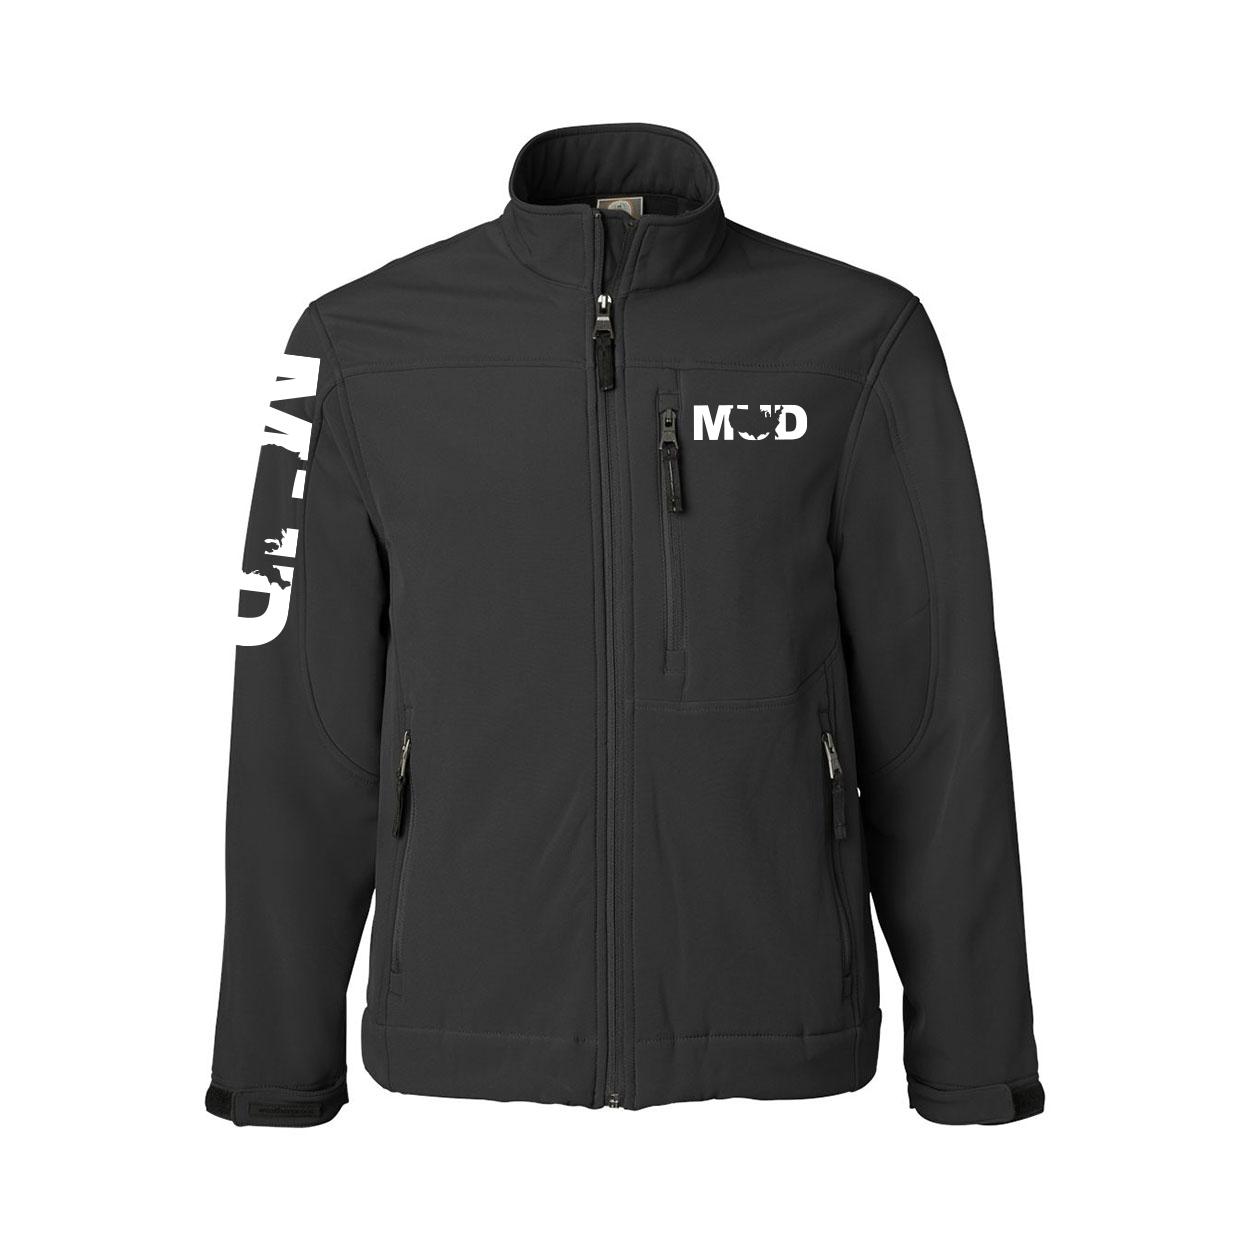 Mud United States Classic Soft Shell Weatherproof Jacket (White Logo)